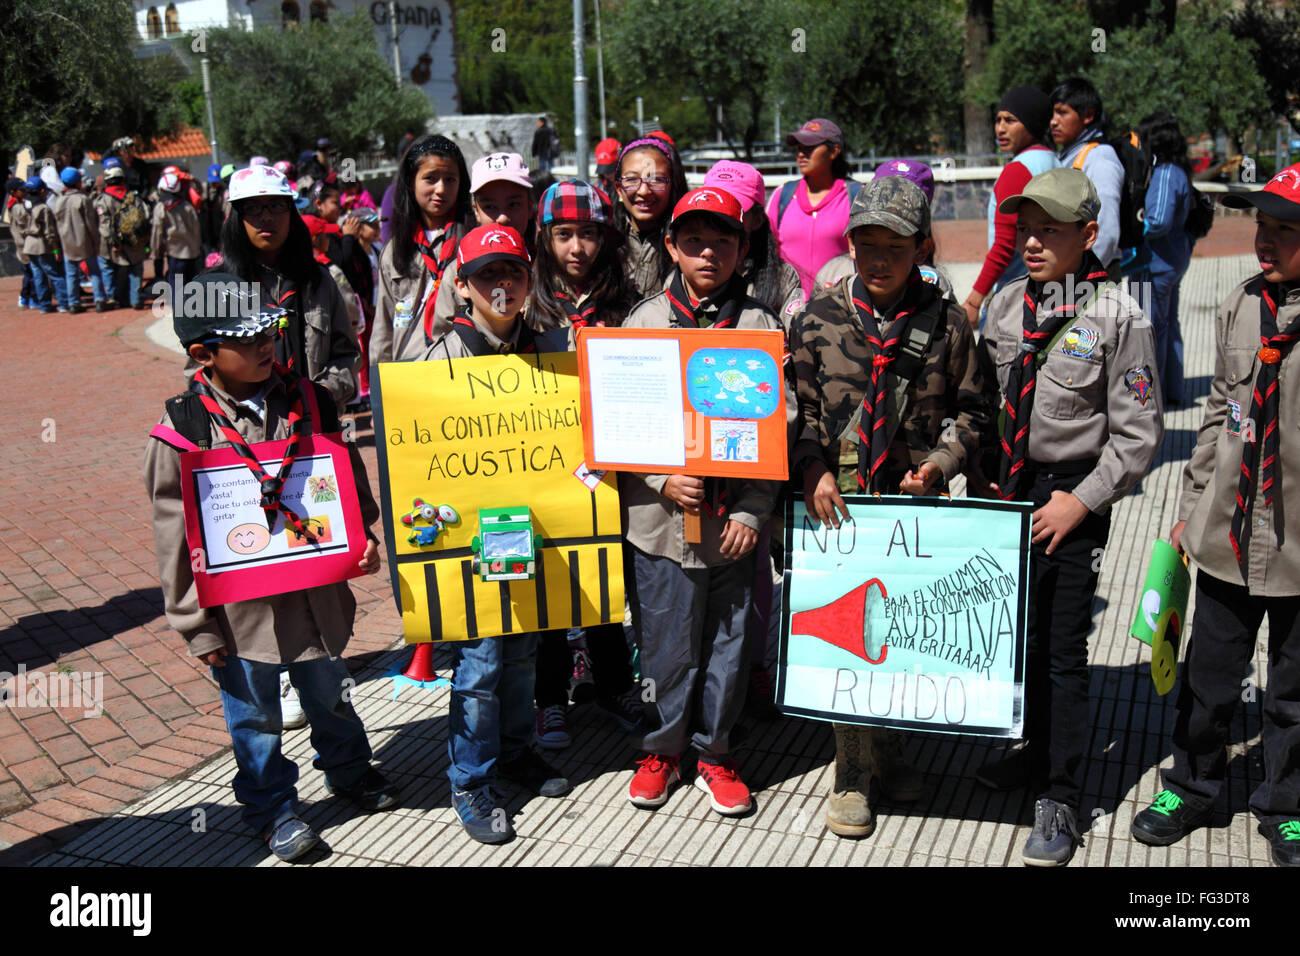 Escolares protestando contra la contaminación acústica, La Paz, Bolivia Imagen De Stock